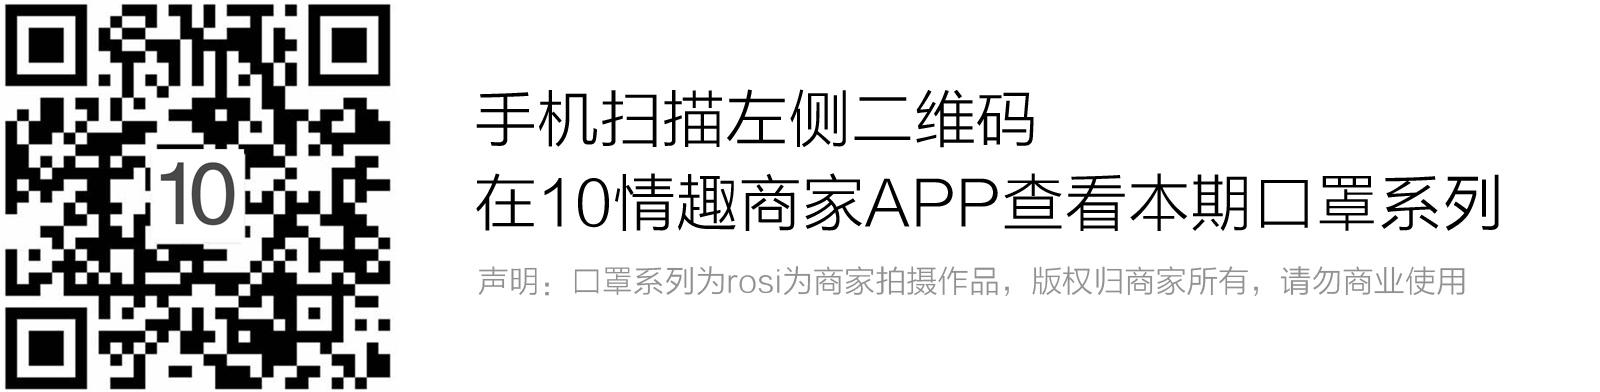 手机扫描左侧二维码在10情趣商家app查看本期口罩系列